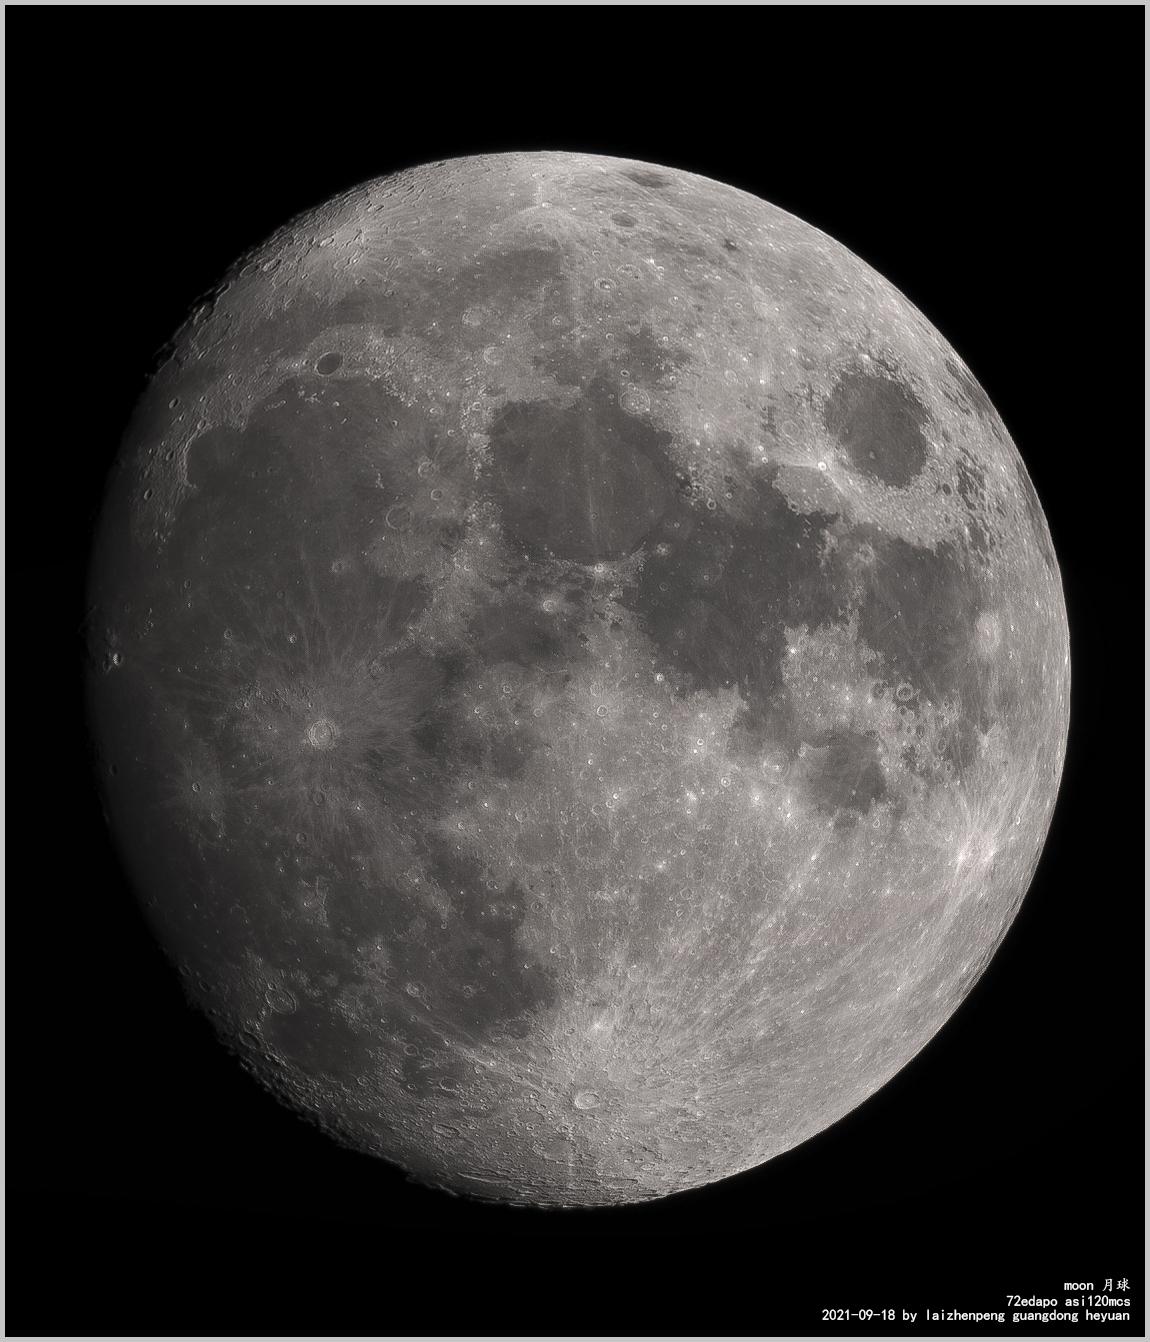 月面.jpg